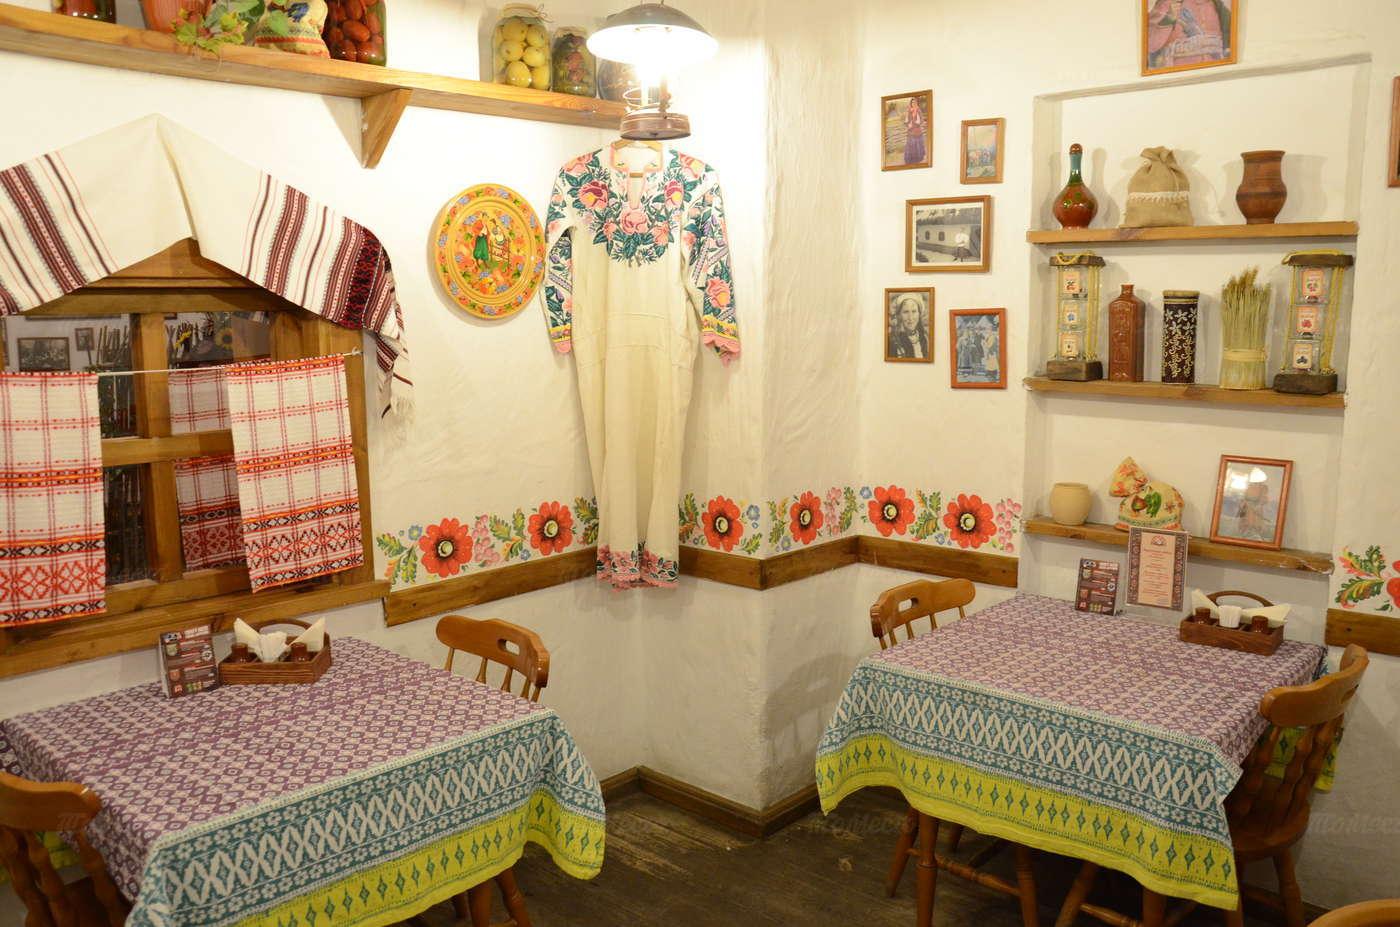 Ресторан Веселая кума на улице Костиной фото 3